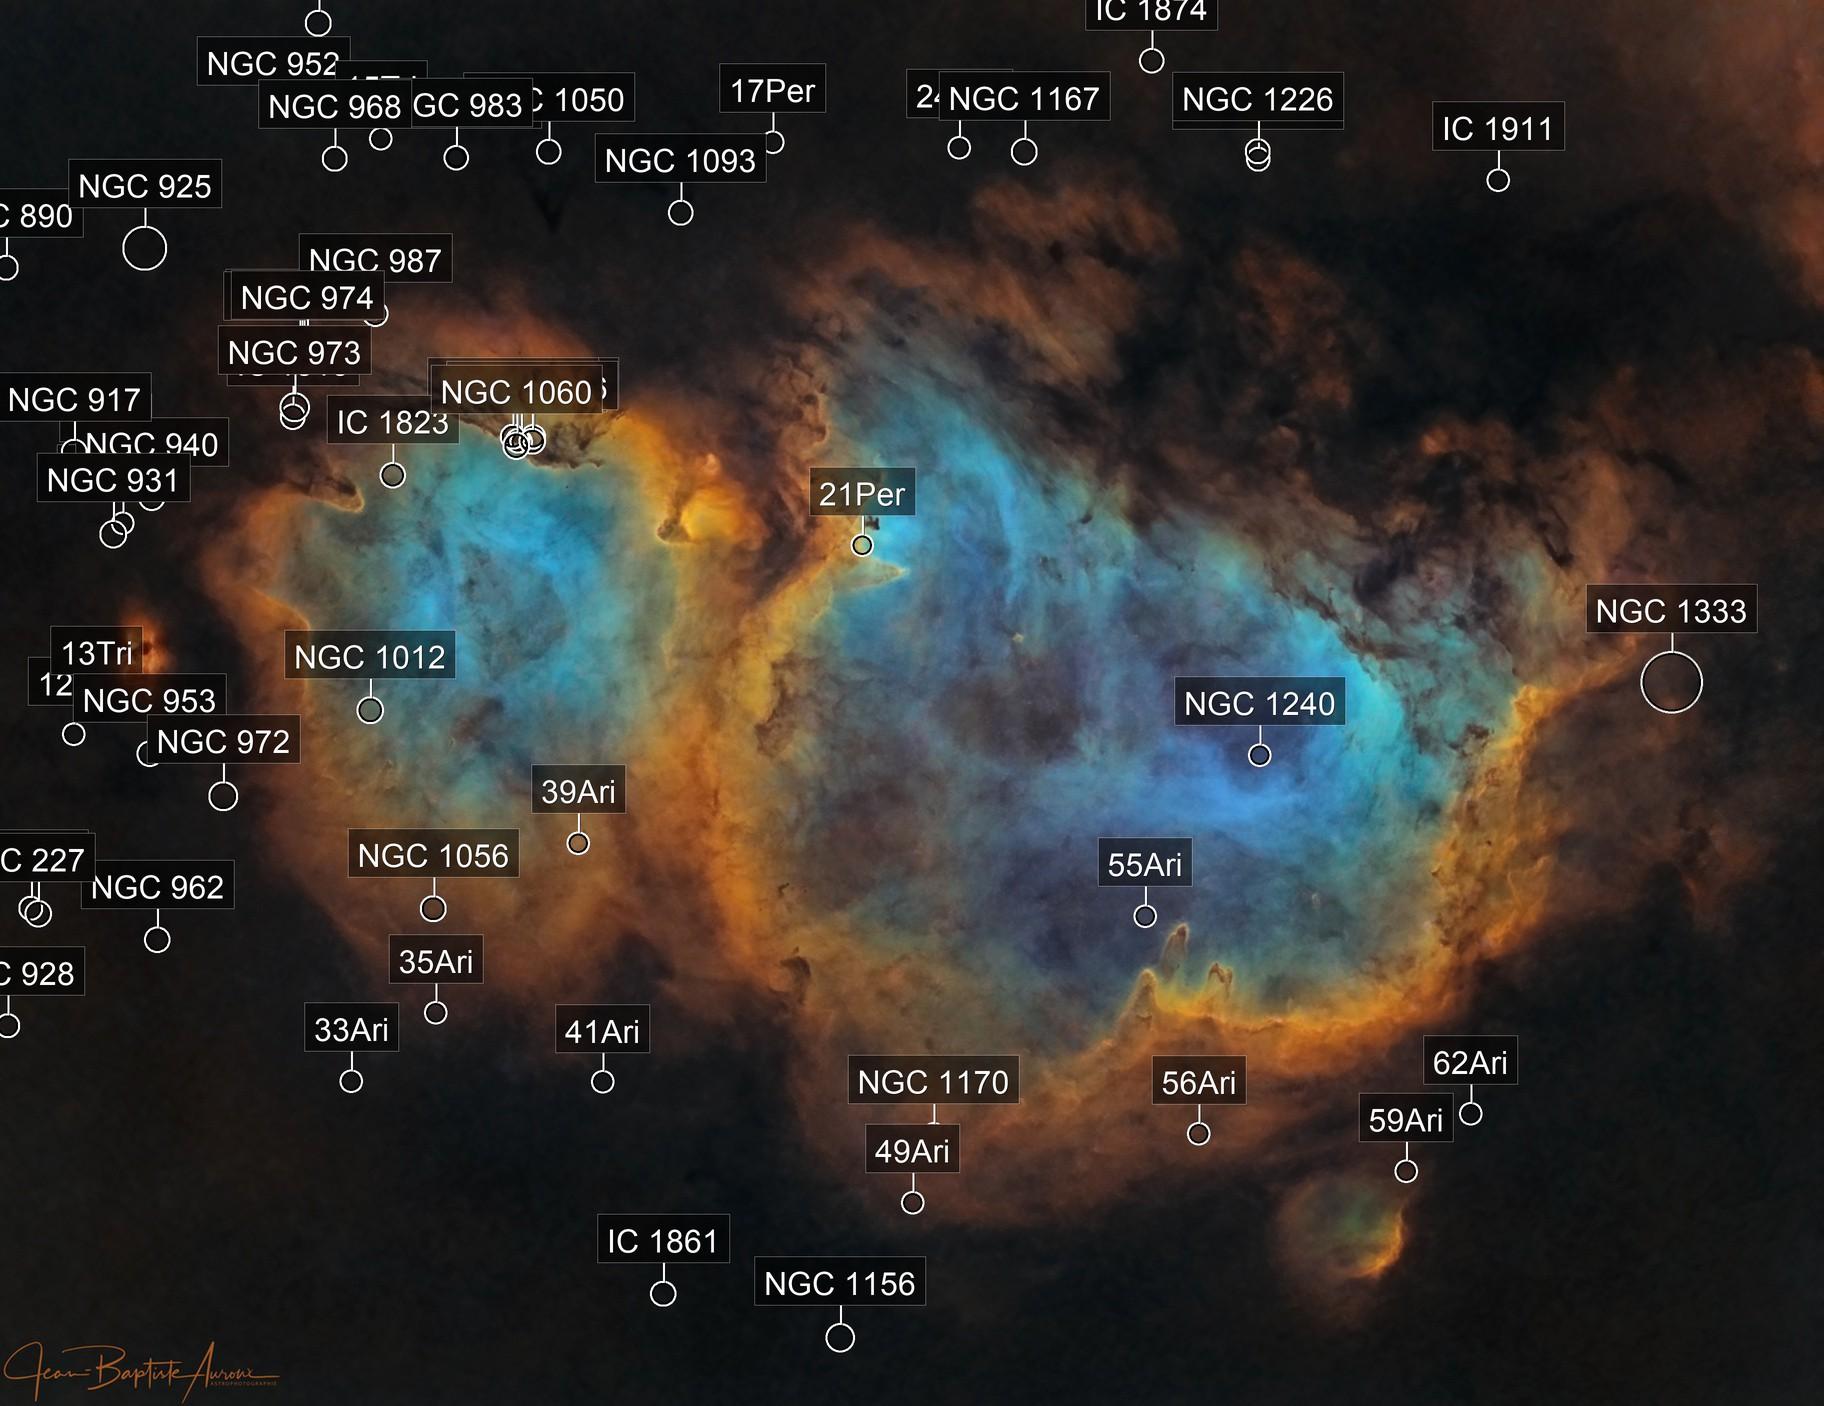 IC 1848 (SHO)